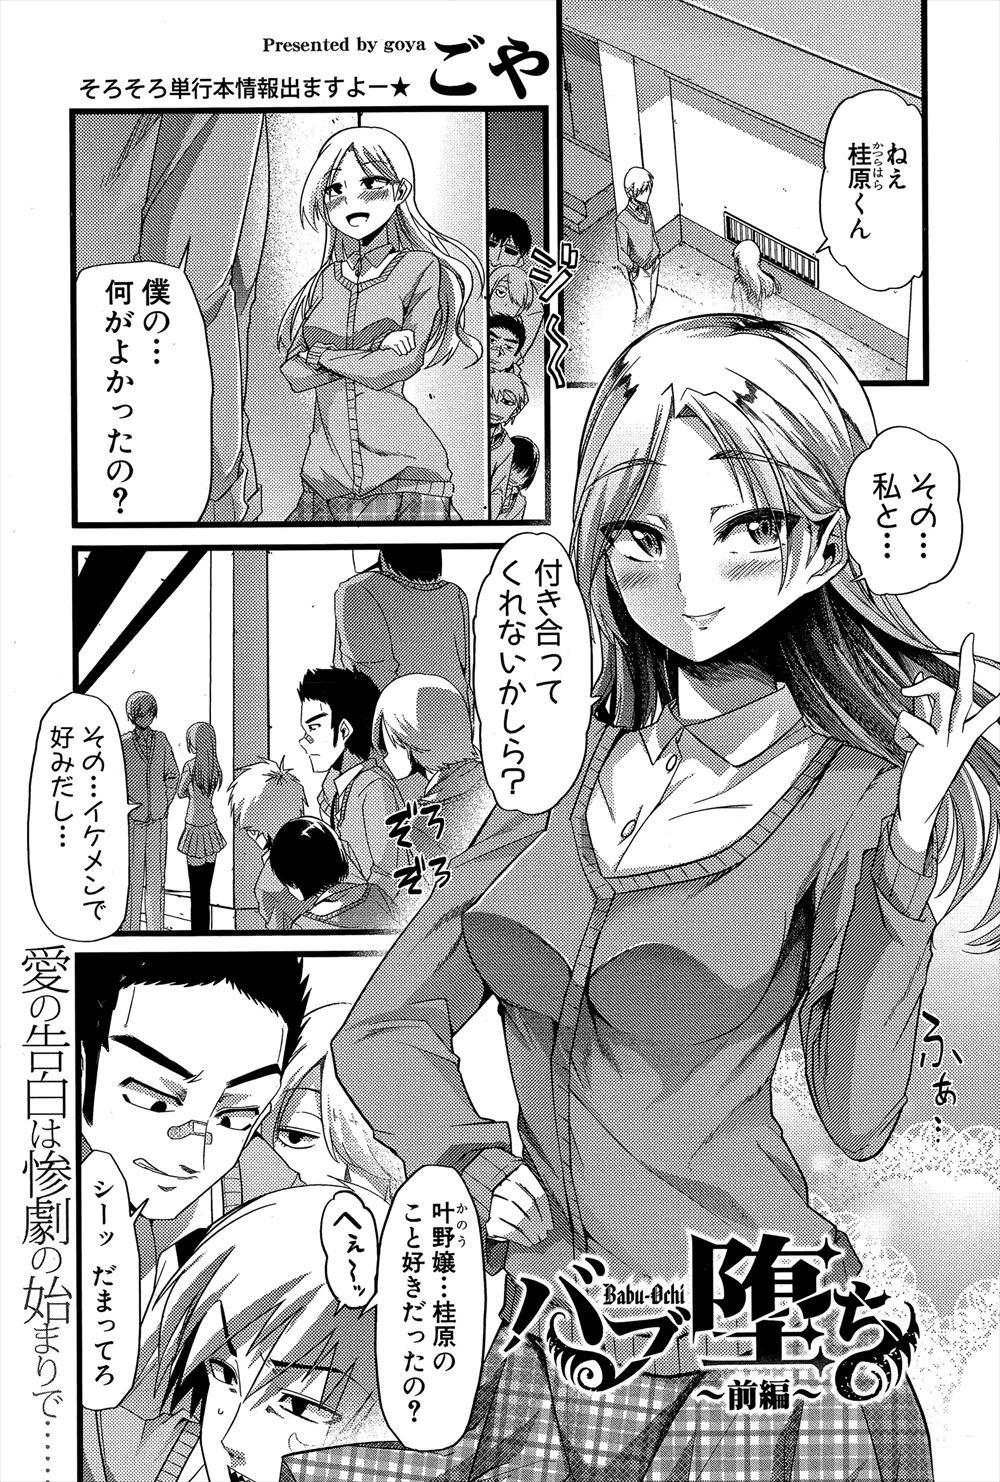 【エロ漫画】いつも上からのお嬢様JKが自分をふったイケメン男子が好きだという巨乳幼なじみに逆恨みして、手下の男子たちに集団レイプさせる!